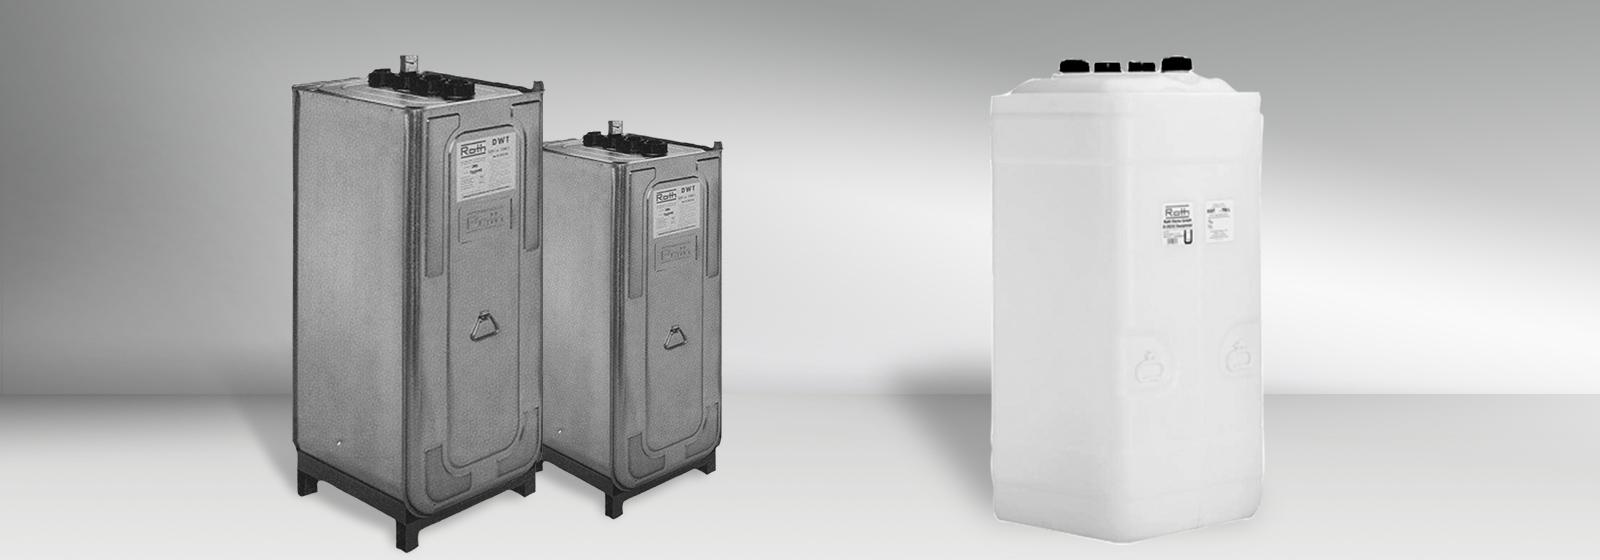 heiz ltank buderus. Black Bedroom Furniture Sets. Home Design Ideas